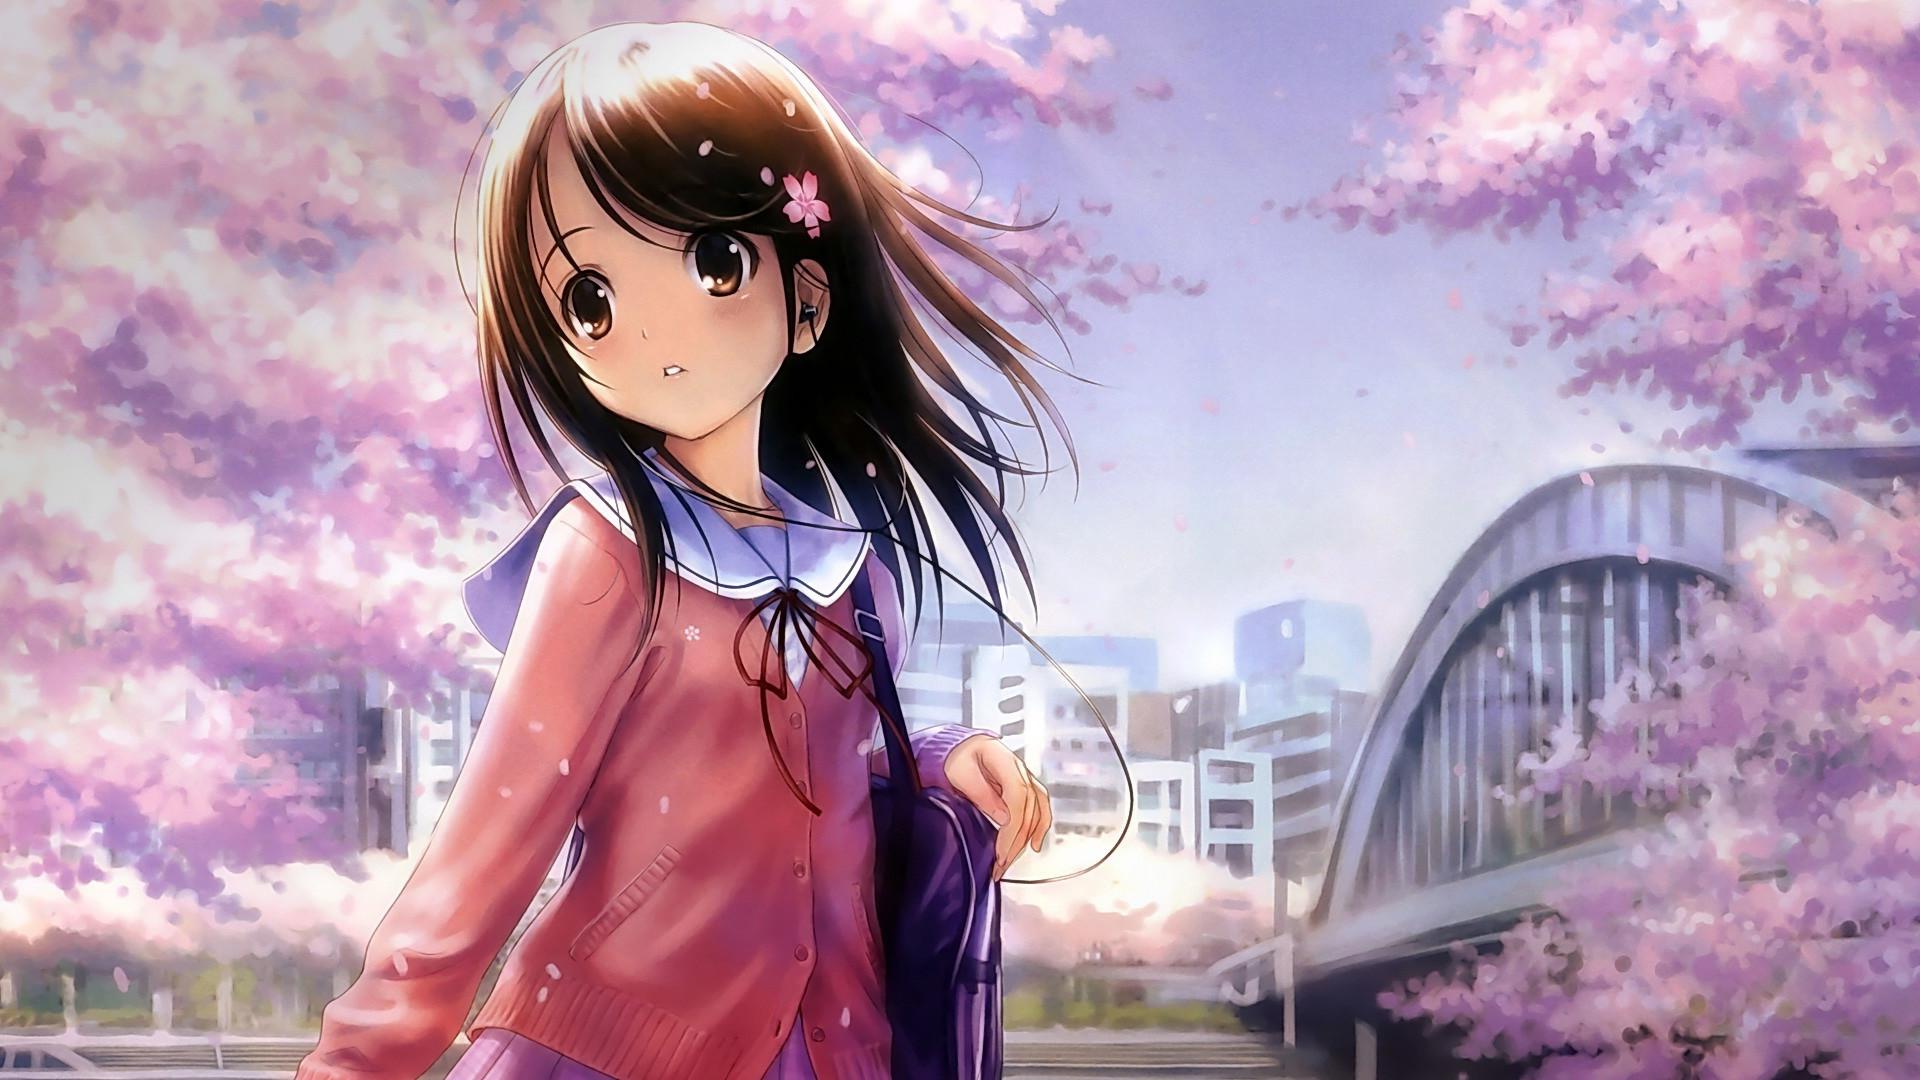 School Girl Anime Wallpaper